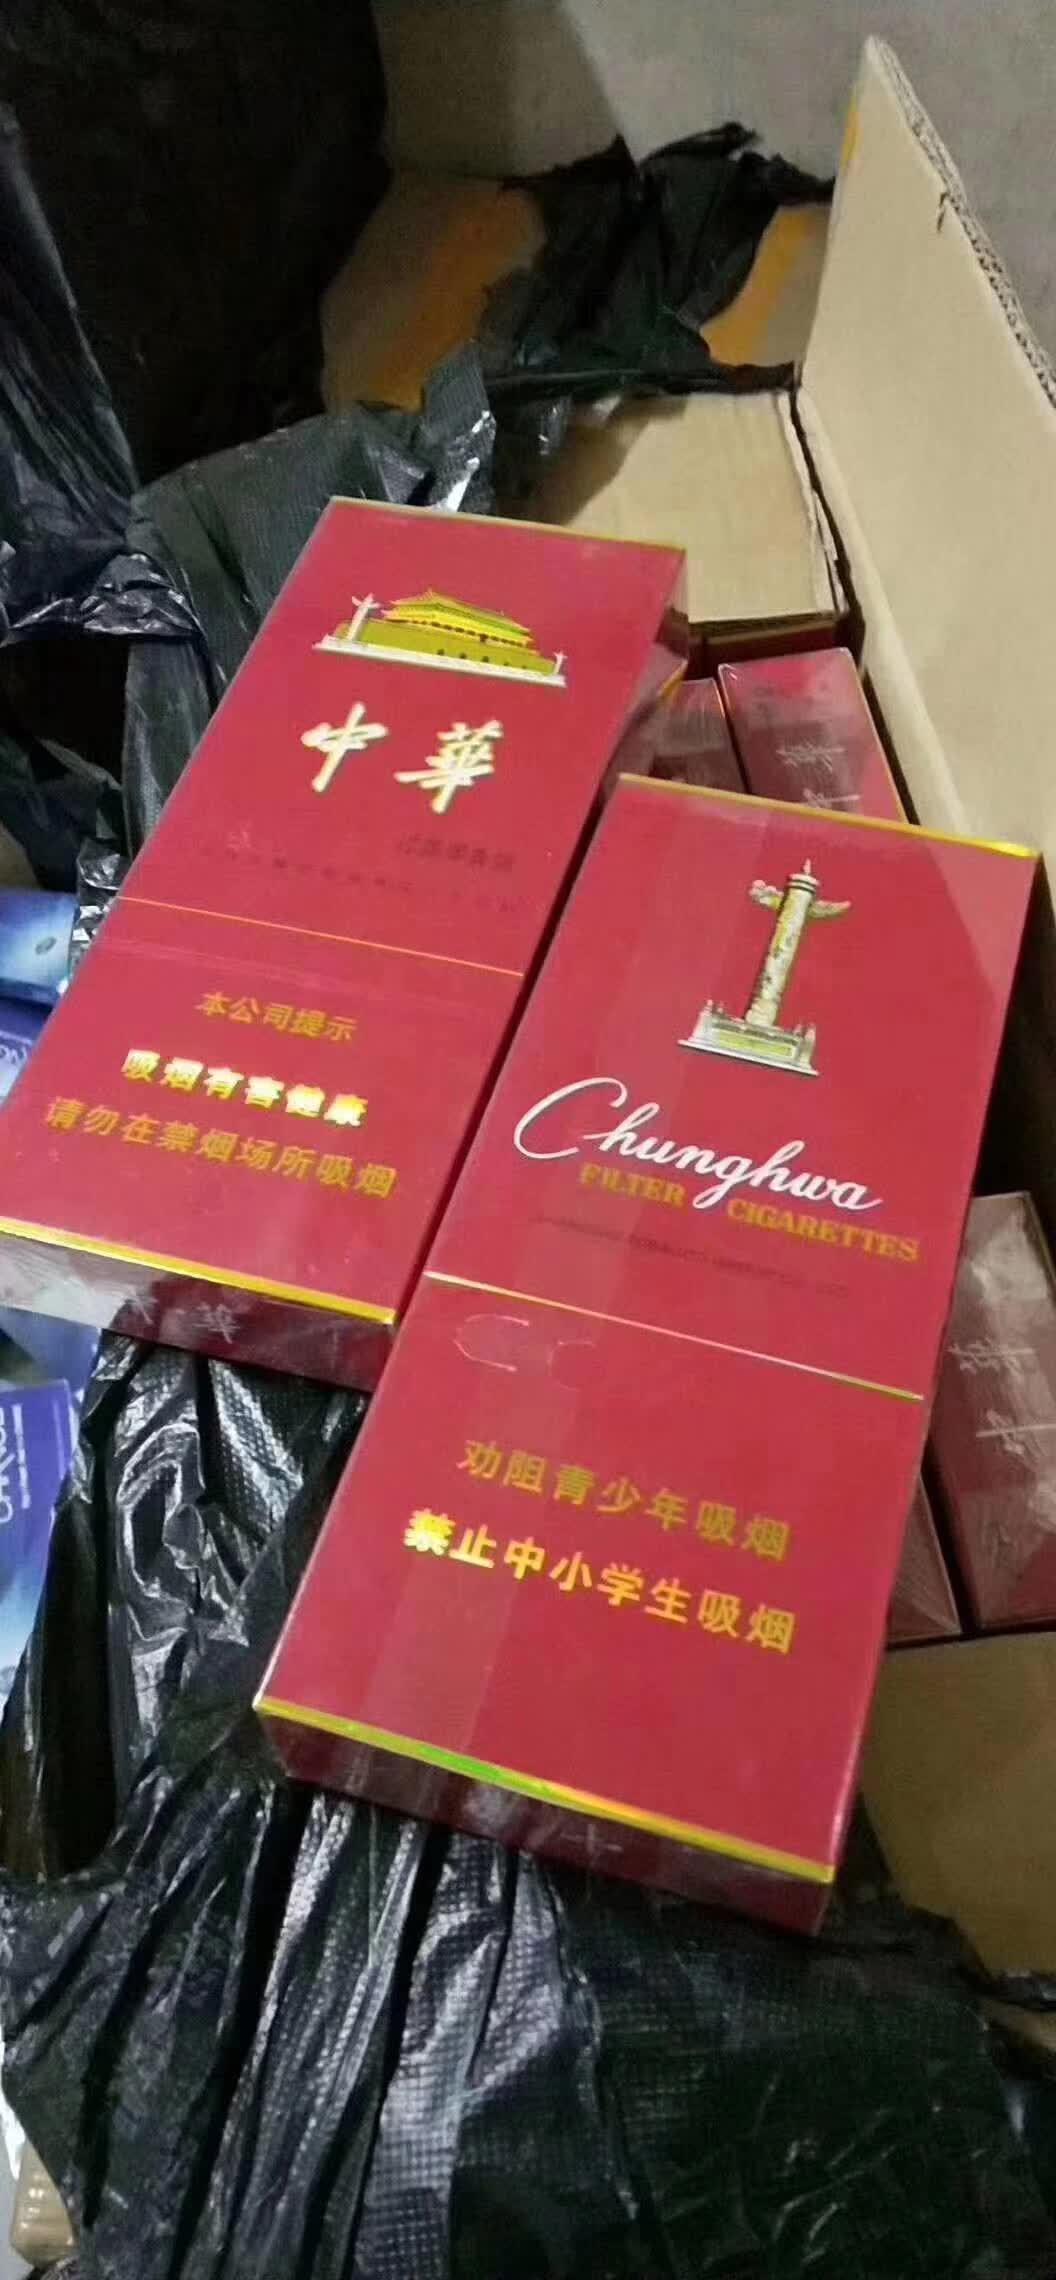 国内香烟批发代理 国内低价香烟批发货源一手